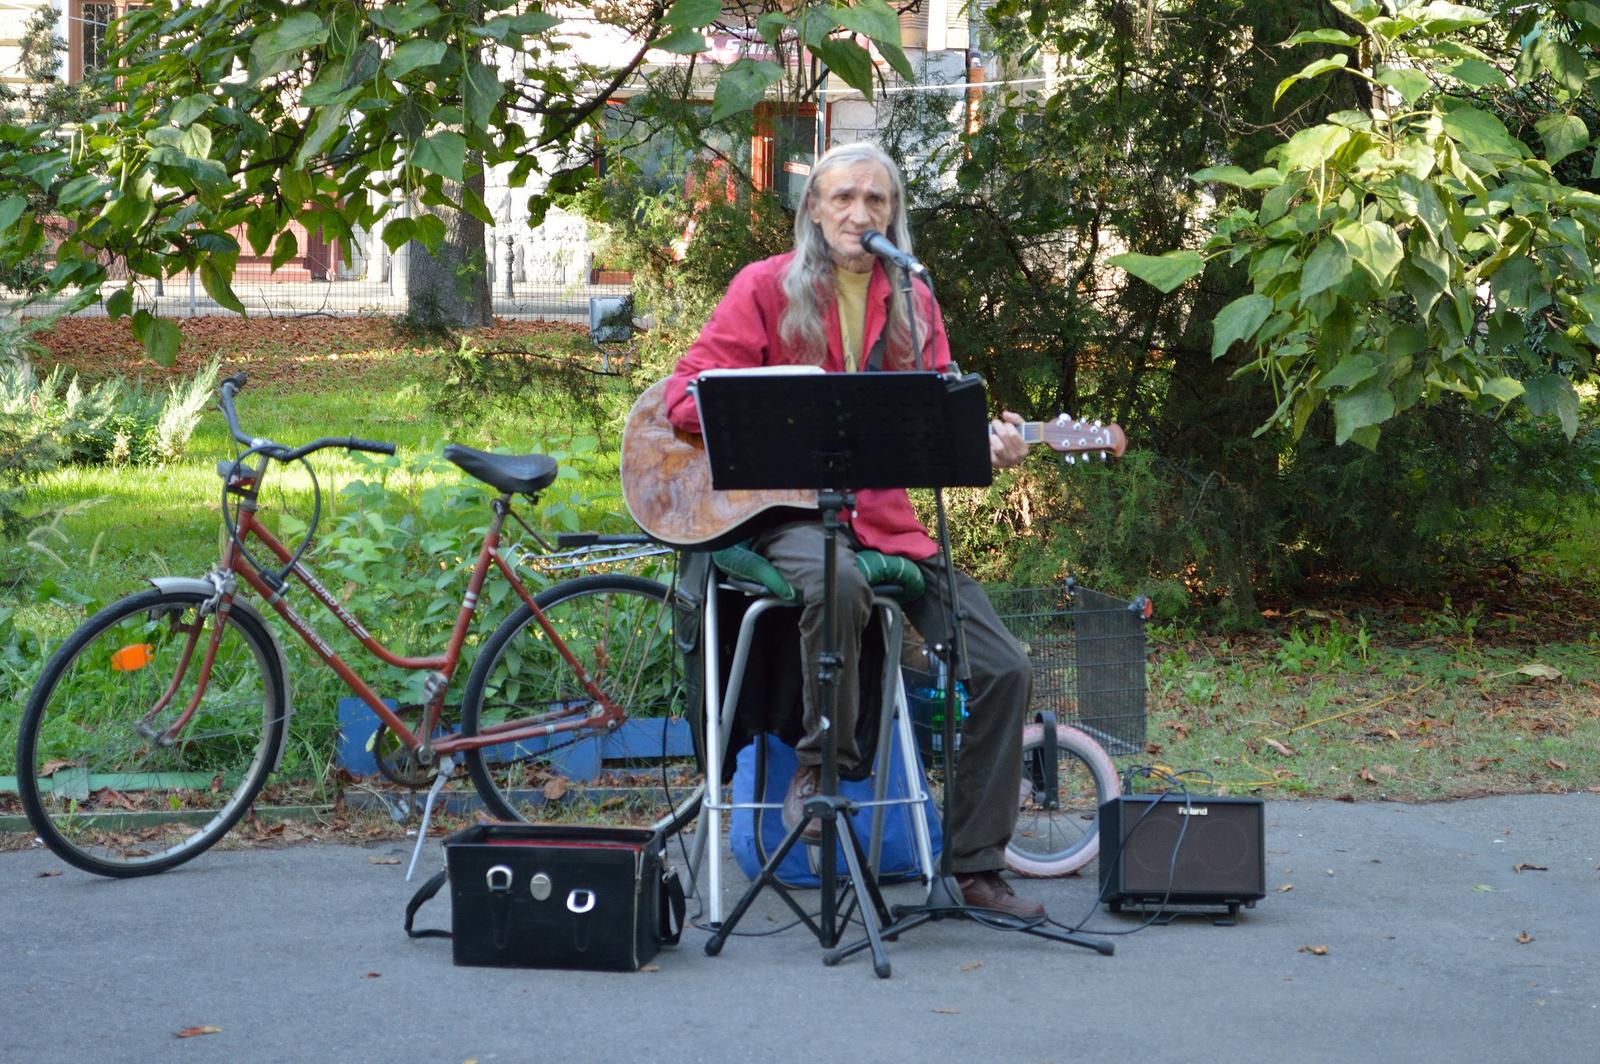 Utcai zenész és felszerelése